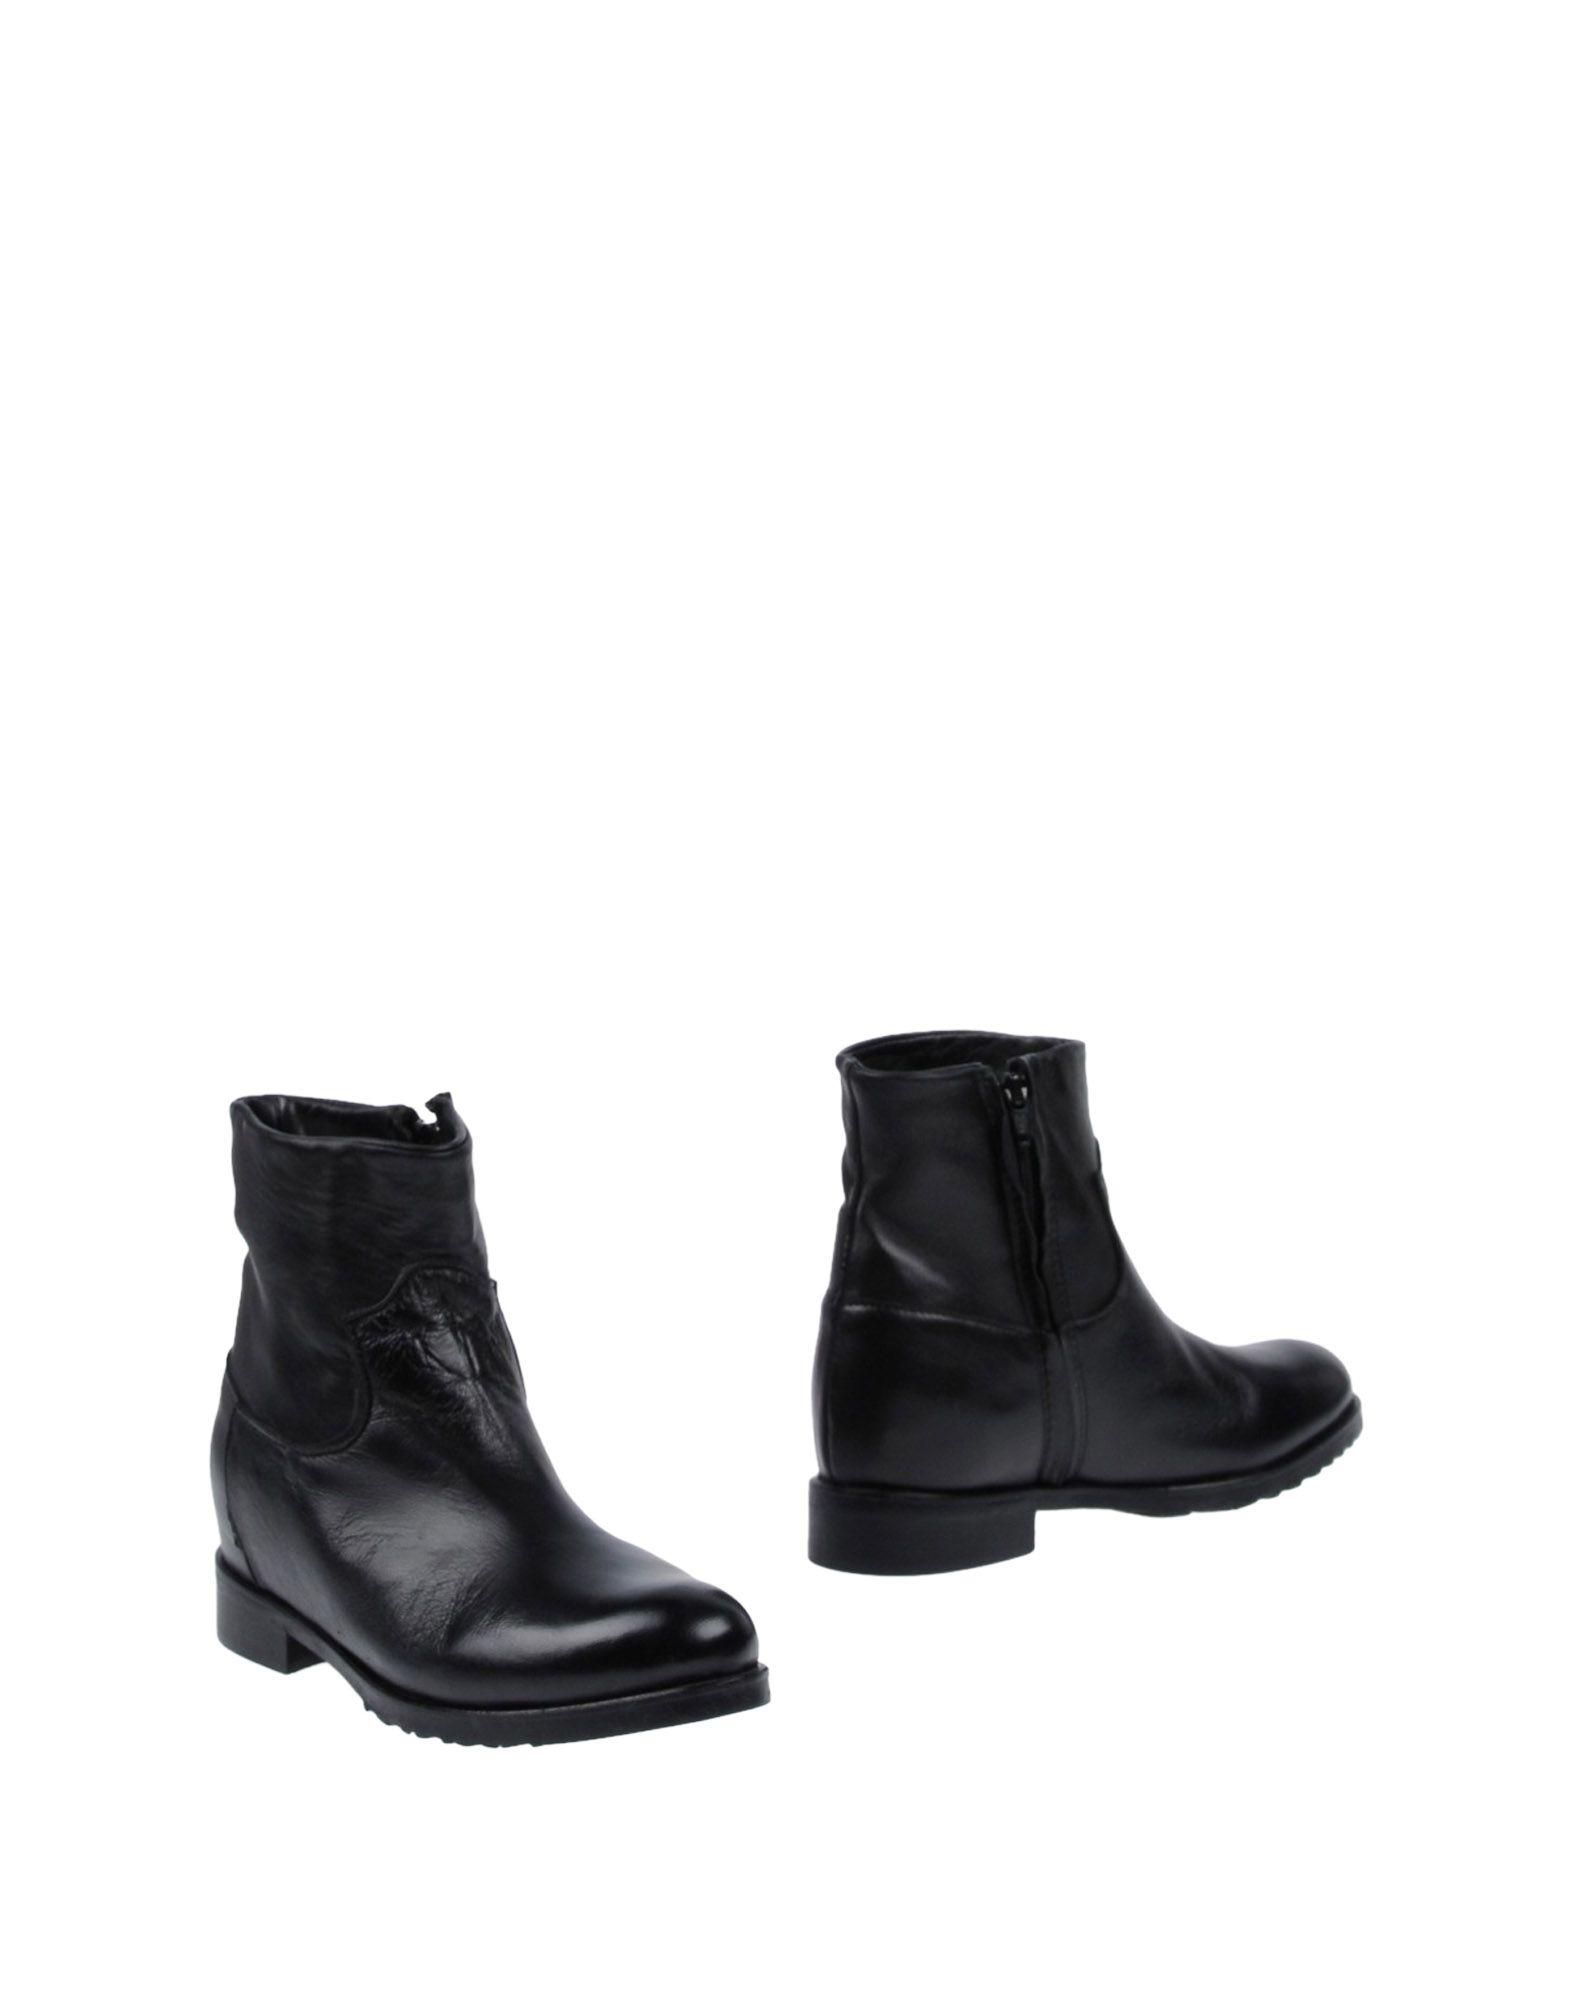 Silvian Heach Stiefelette Damen  11456366MM Gute Qualität beliebte Schuhe